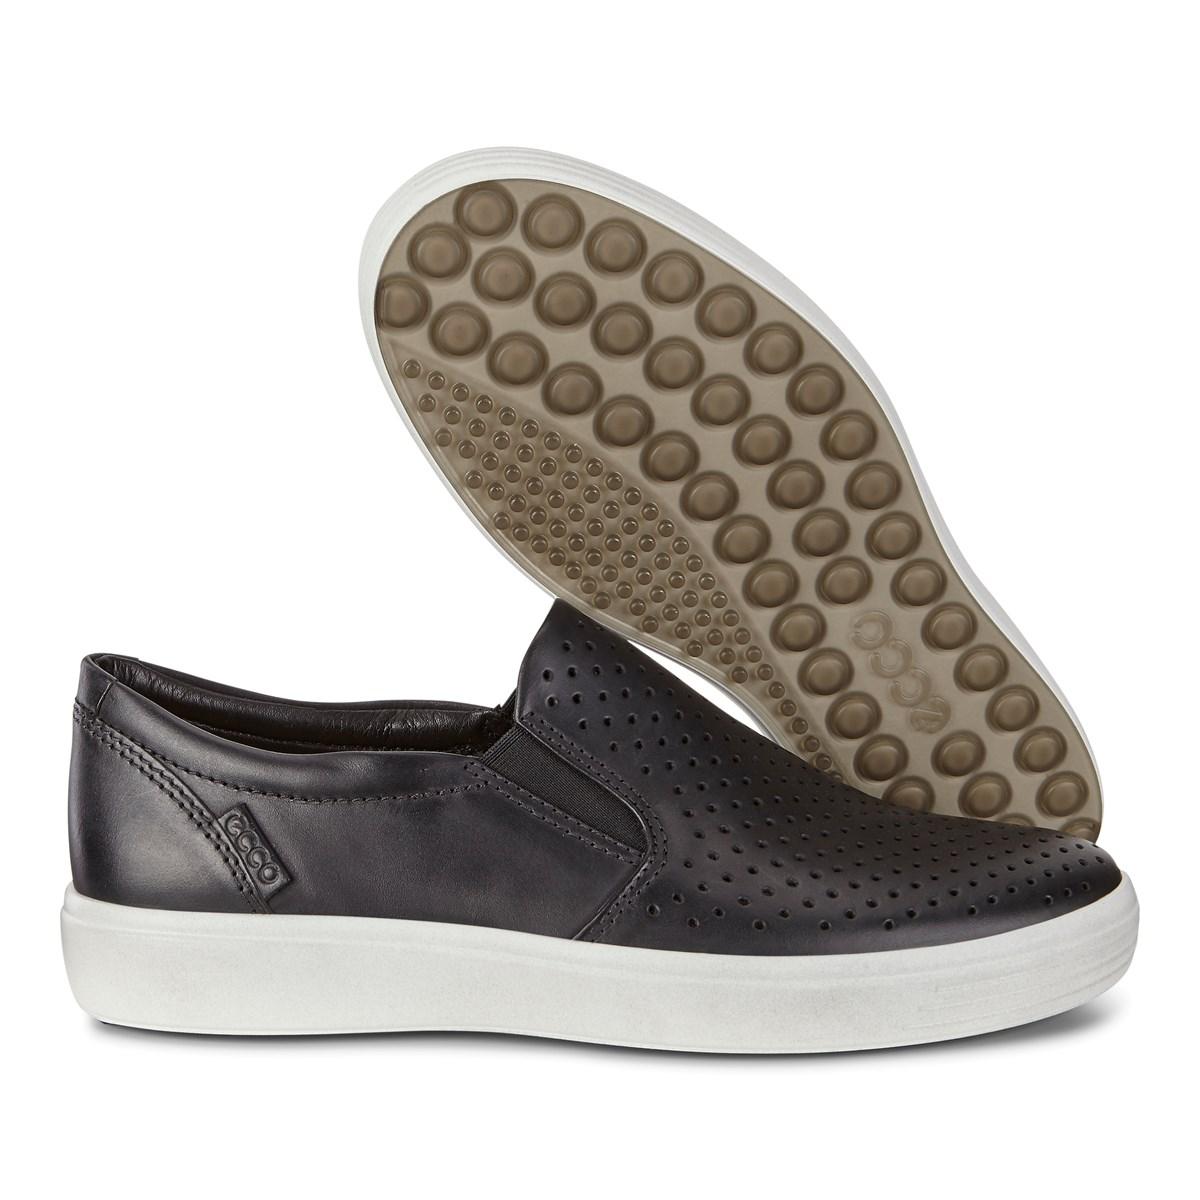 6732e78437bb5 Shop Mens - SOFT 7 MENS - ECCO Shoes NZ